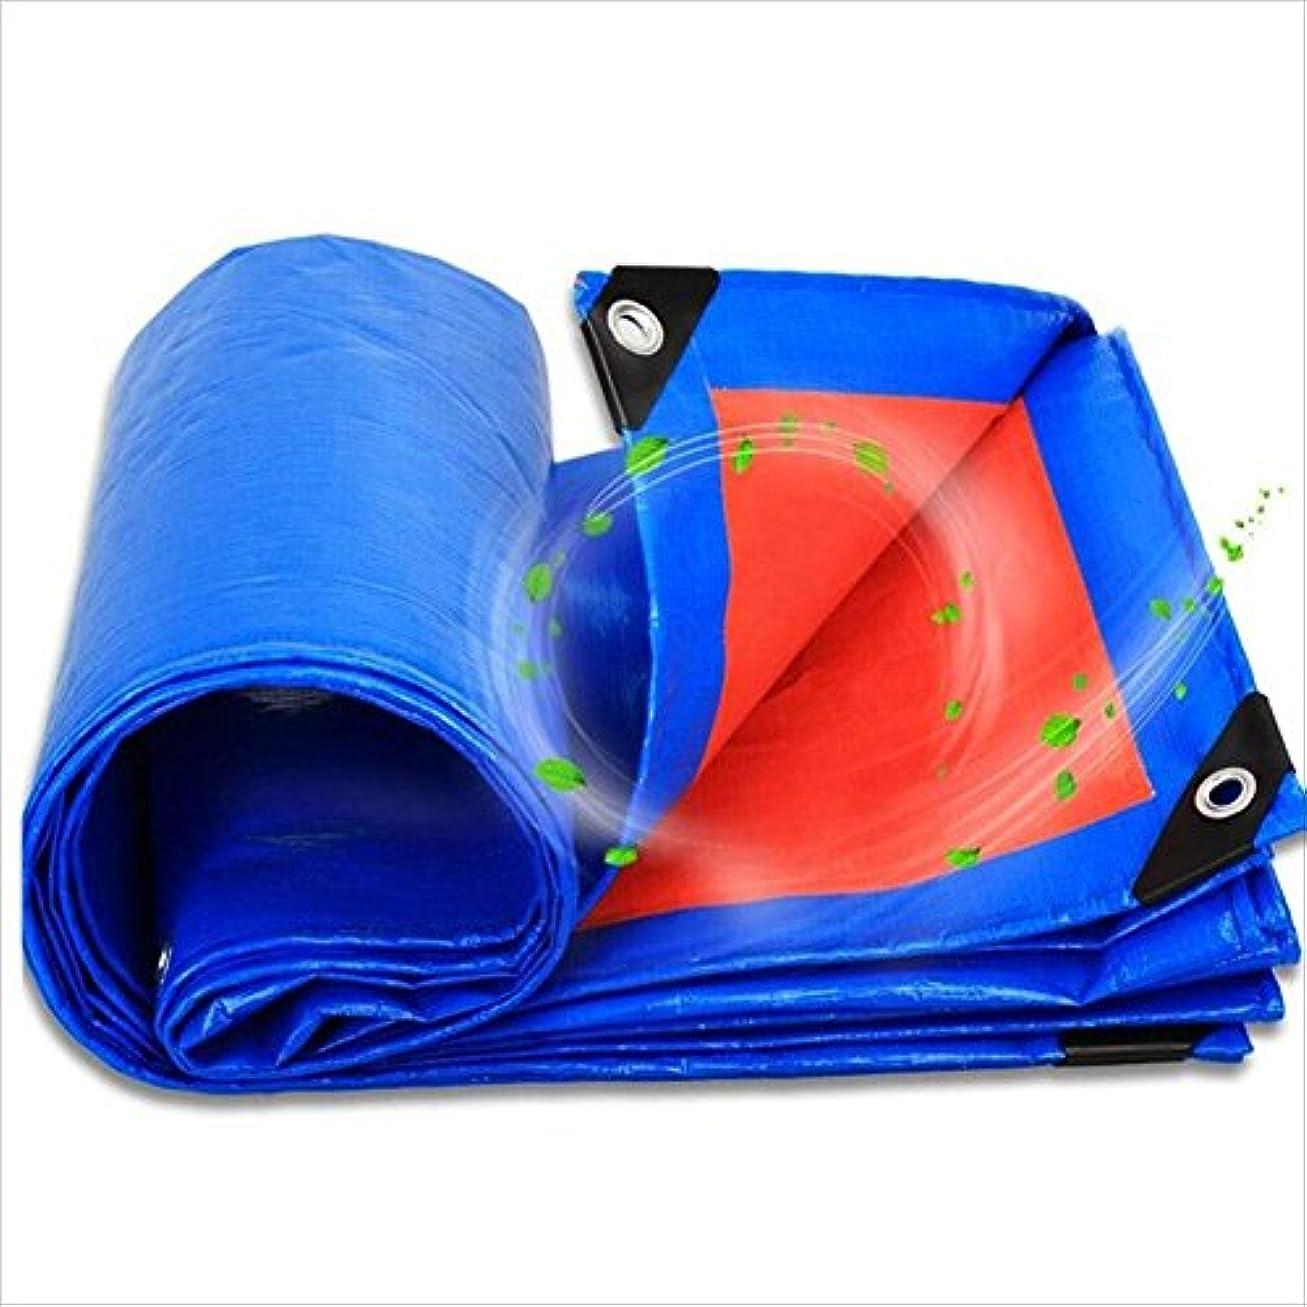 石のビスケットこれまで19-yiruculture 防水布防水防水シート、屋外の防水防水日焼け止め防水シート、腐食や老化に対する木材の保護 (Color : A, サイズ : 2x3M)